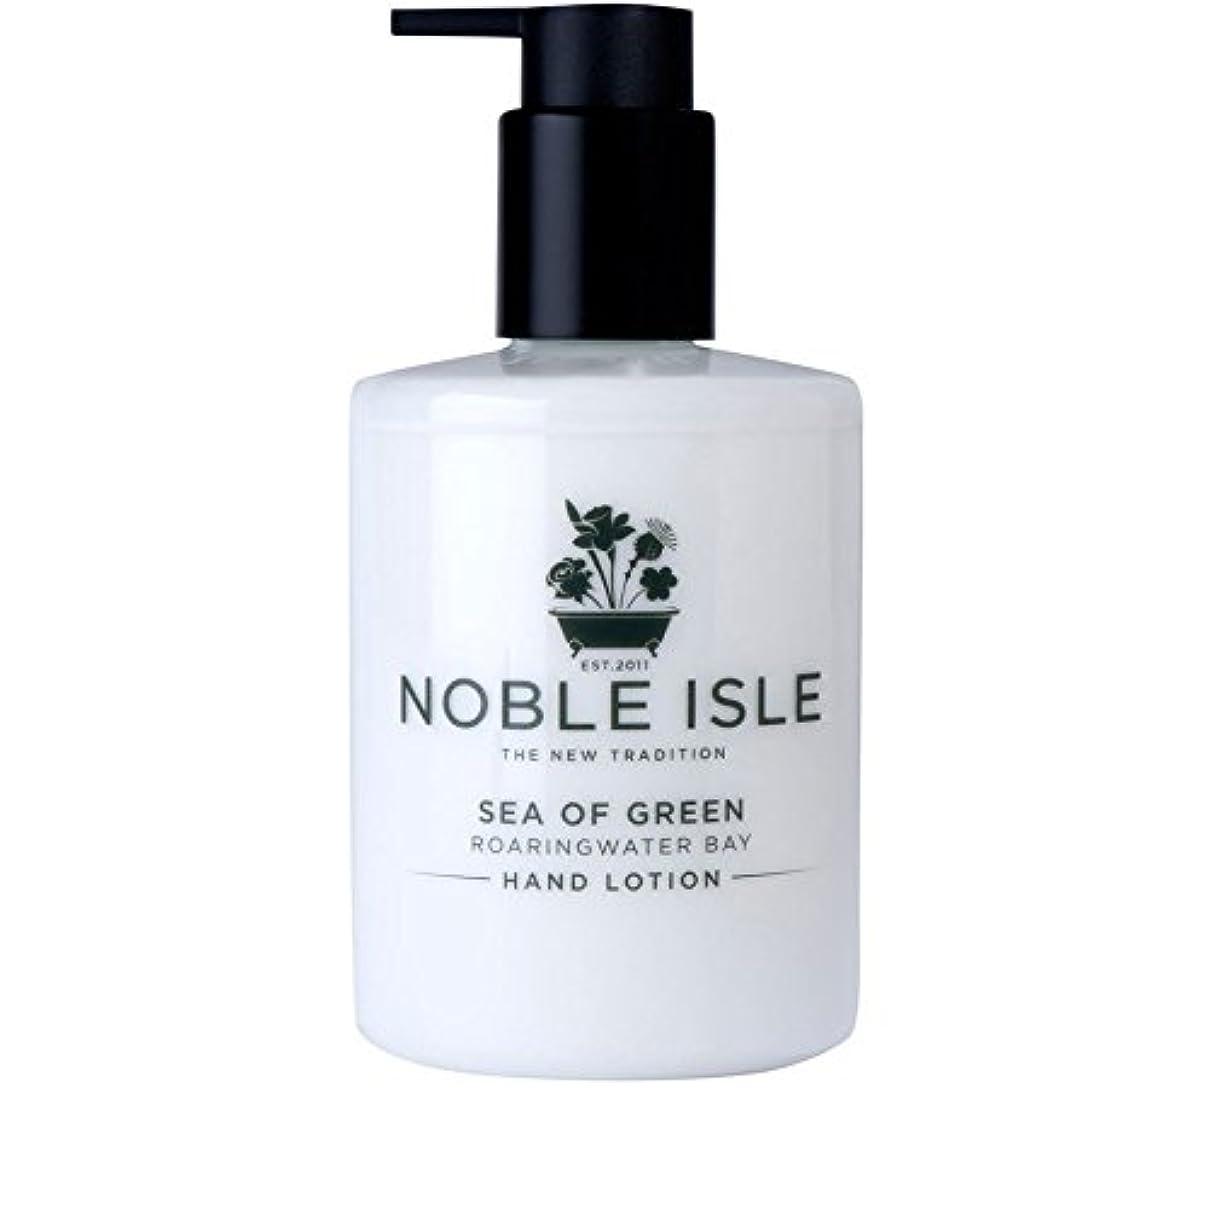 できた注ぎます神経衰弱Noble Isle Sea of Green Roaringwater Bay Hand Lotion 250ml - 緑ベイハンドローション250ミリリットルの高貴な島の海 [並行輸入品]